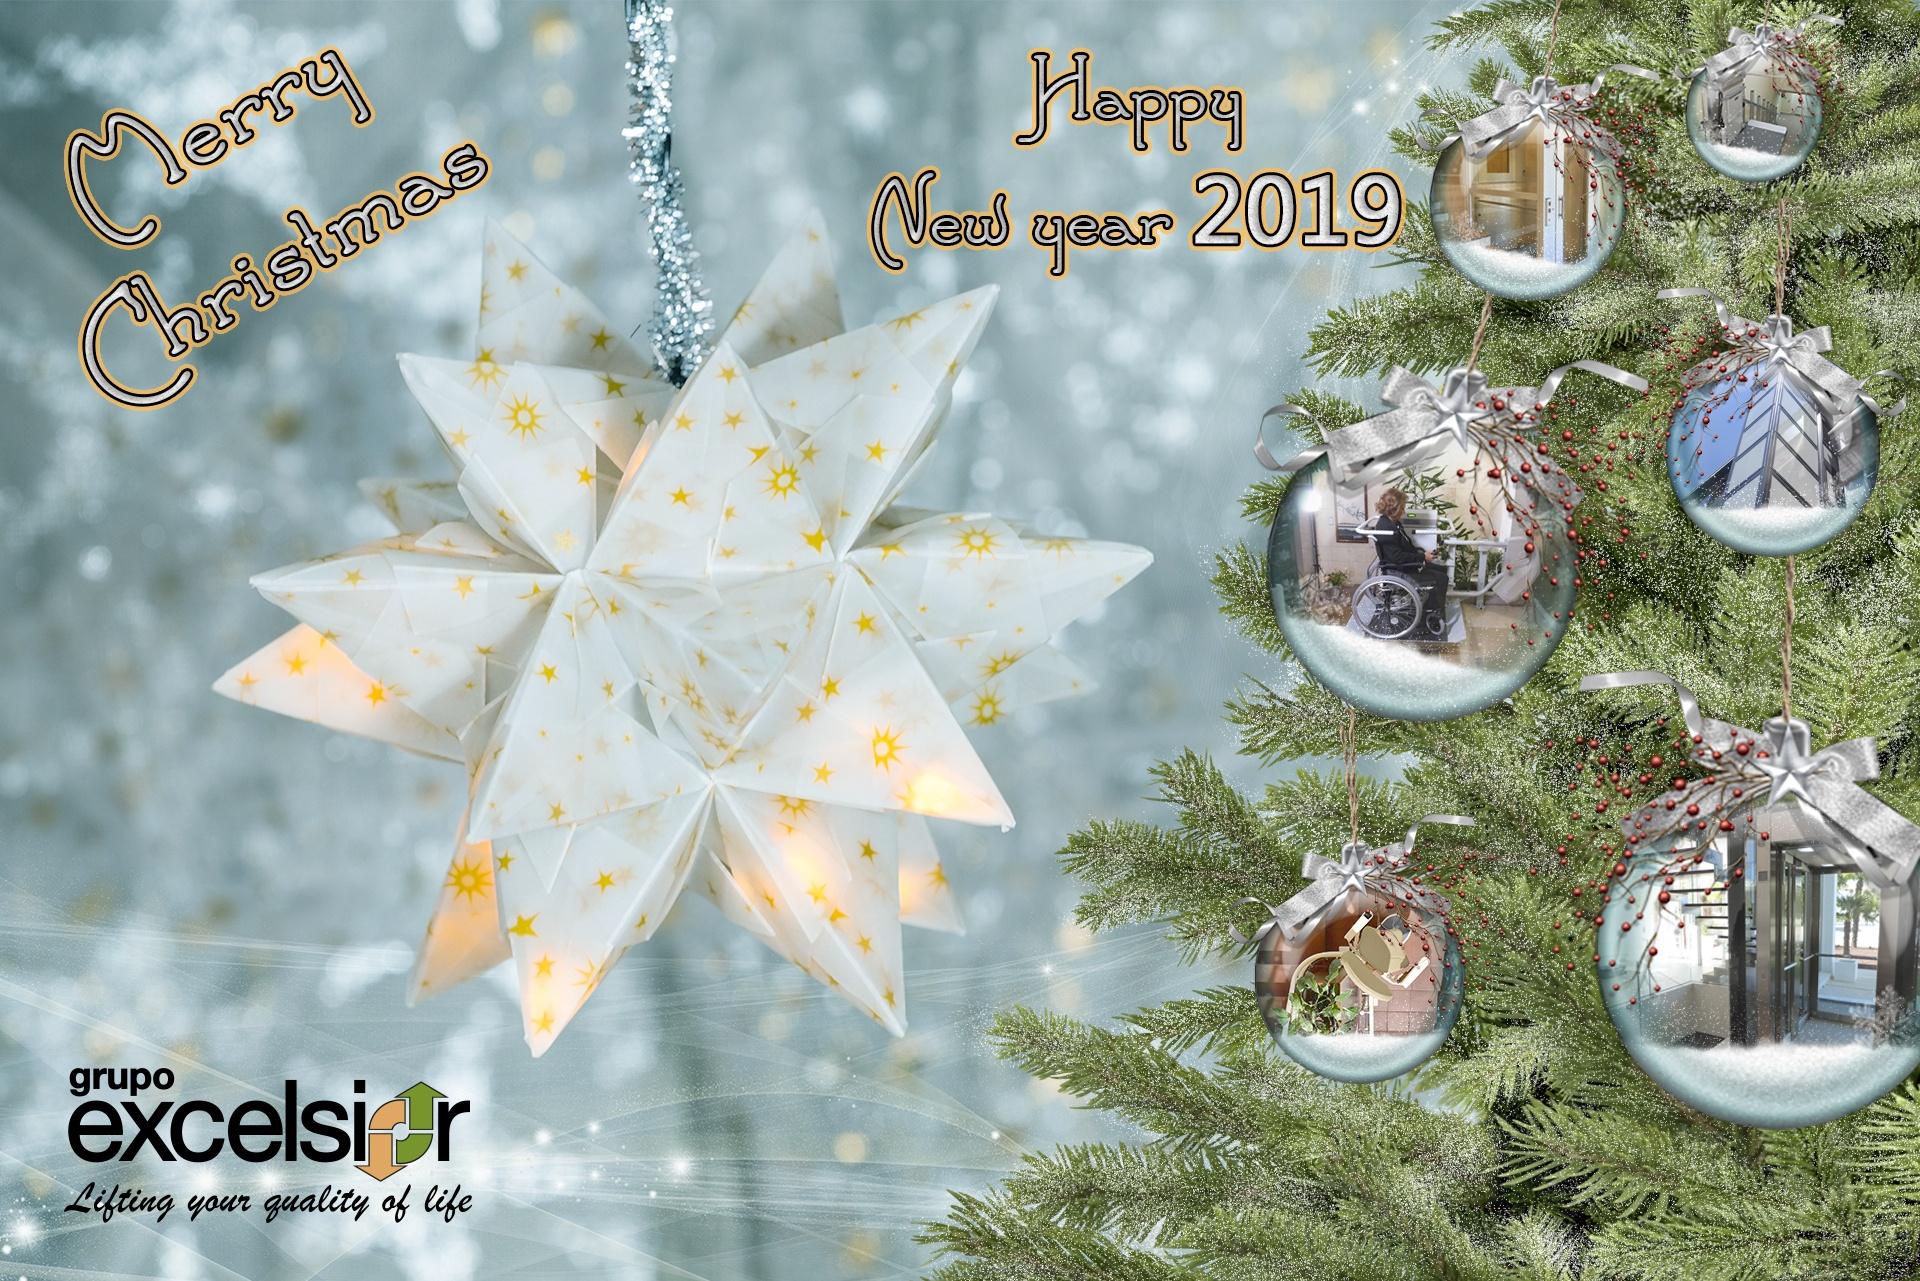 Photos De Joyeux Noel 2019.Joyeux Noel Et Bonne Annee 2019 Grupo Excelsior